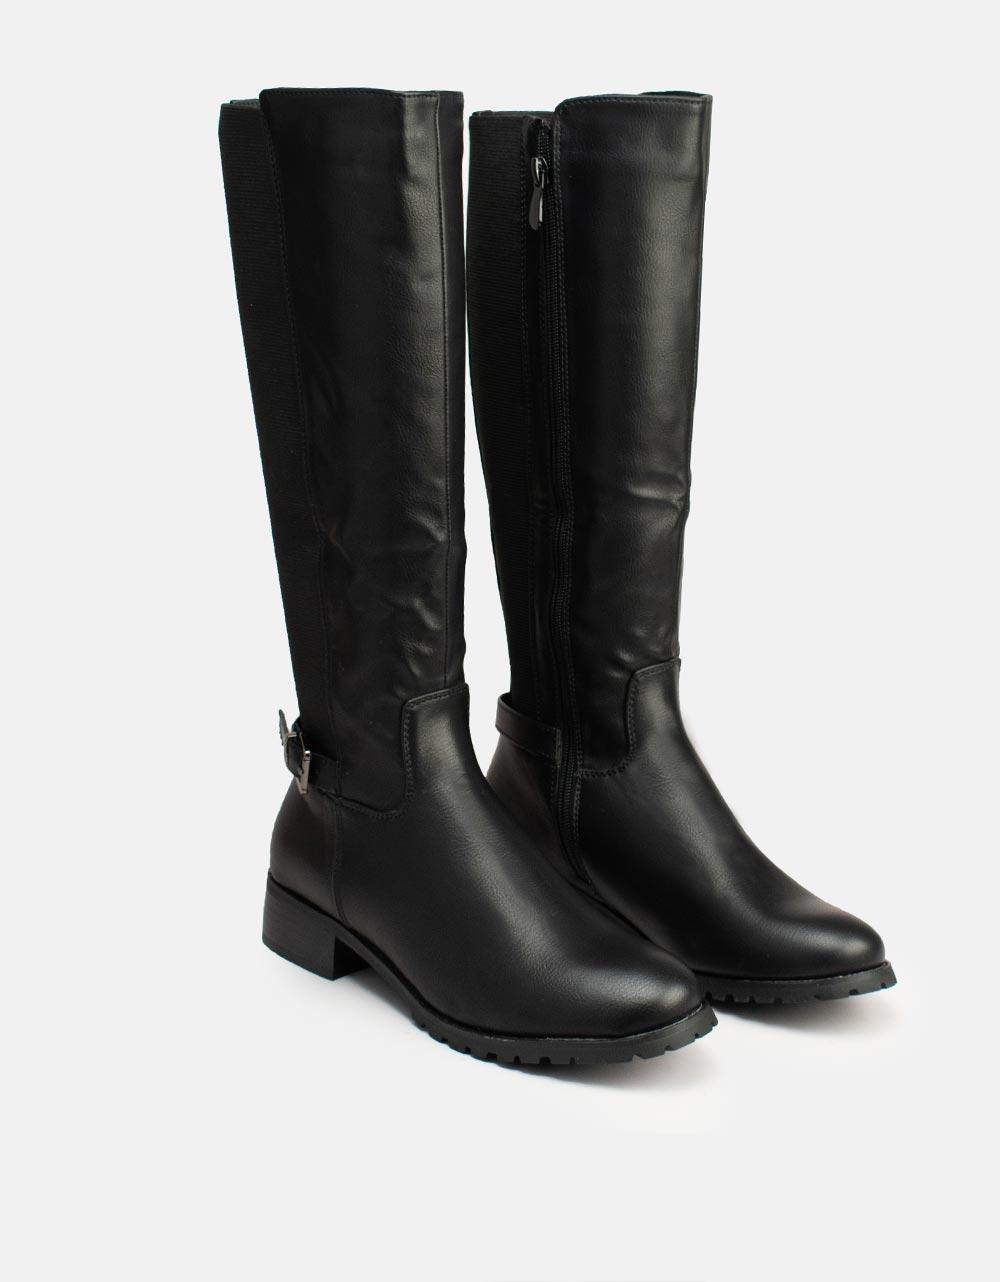 Εικόνα από Γυναικείες μπότες casual με τρακτερωτή ελατική σόλα Μαύρο